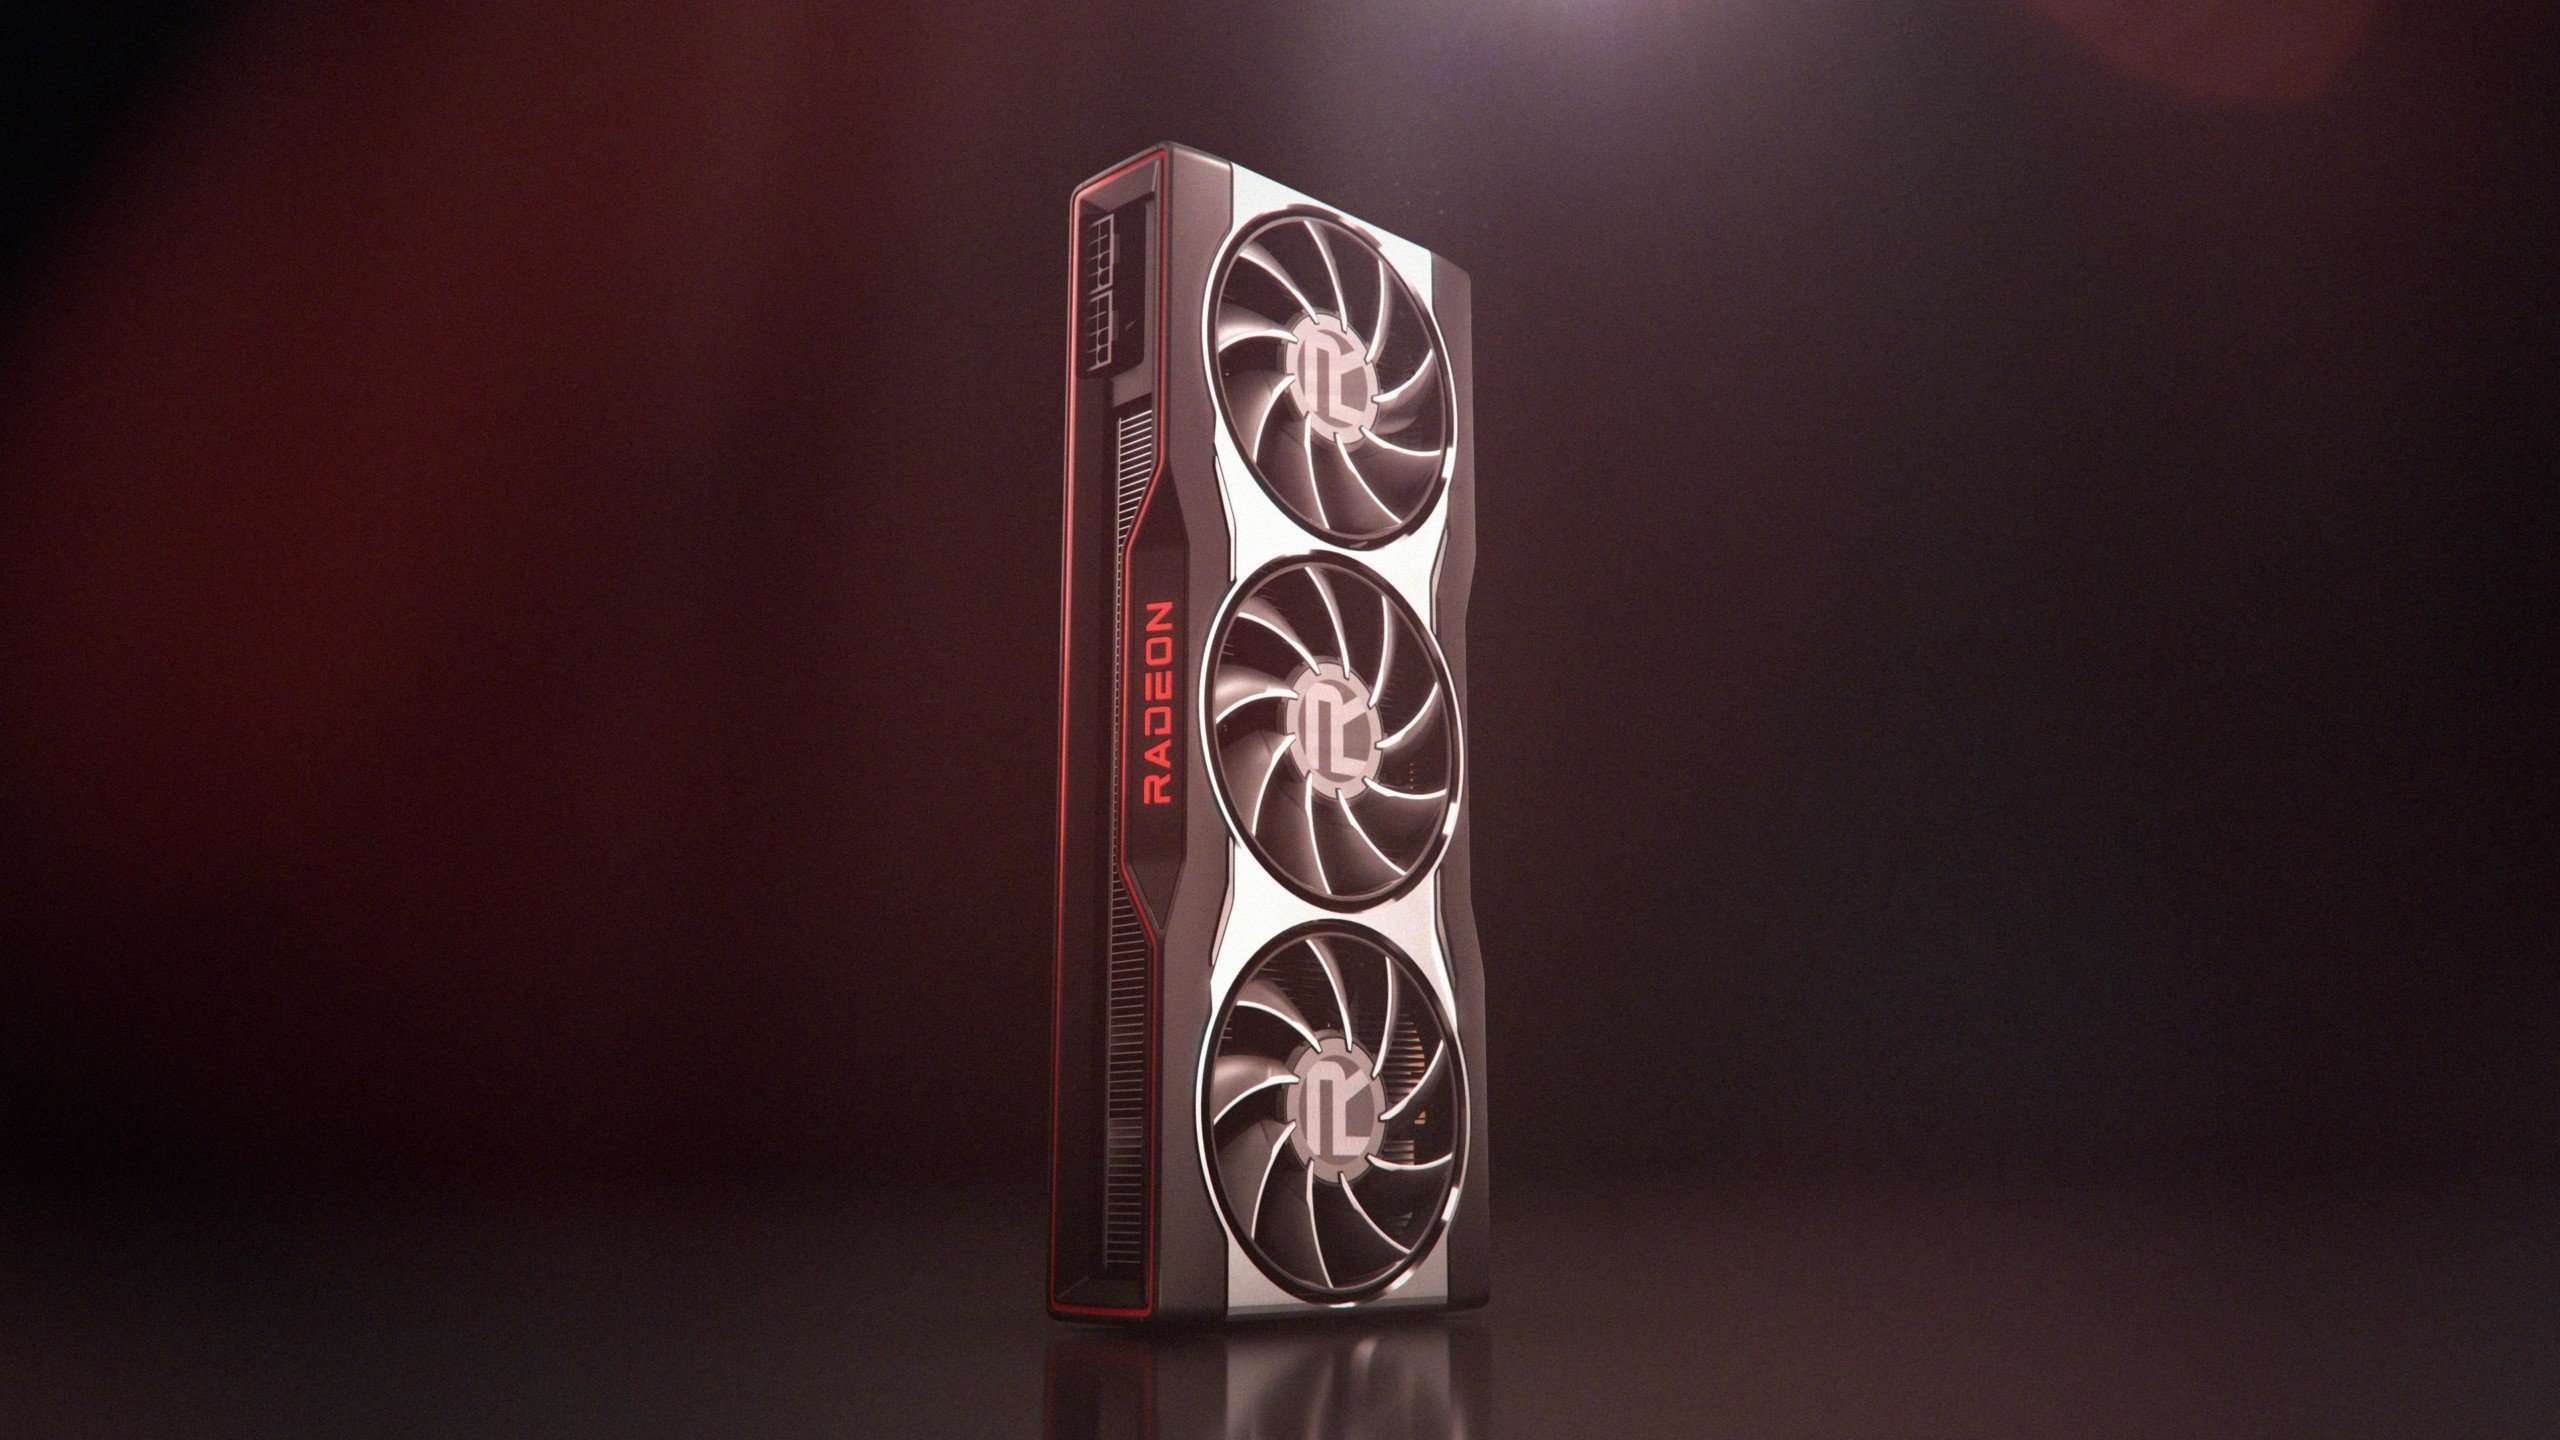 Radeon RX 6800 XT dévoilée : AMD promet la puissance d'une GeForce RTX 3080, mais moins chère